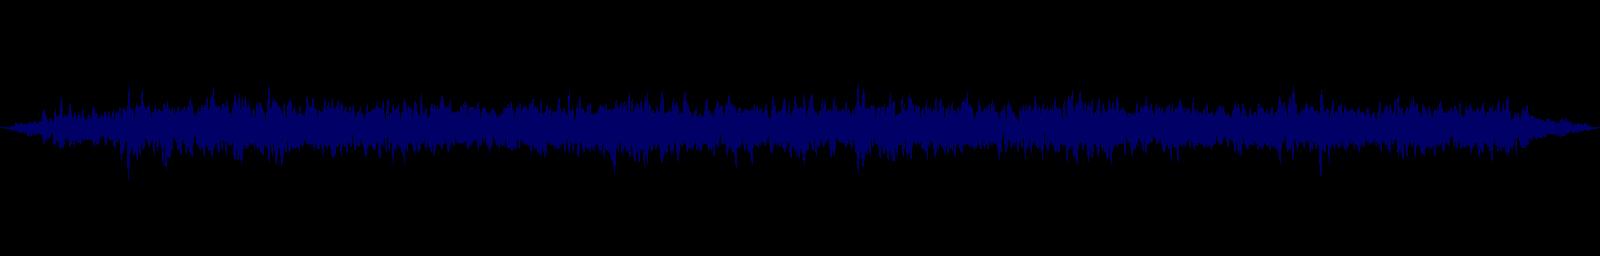 waveform of track #146079